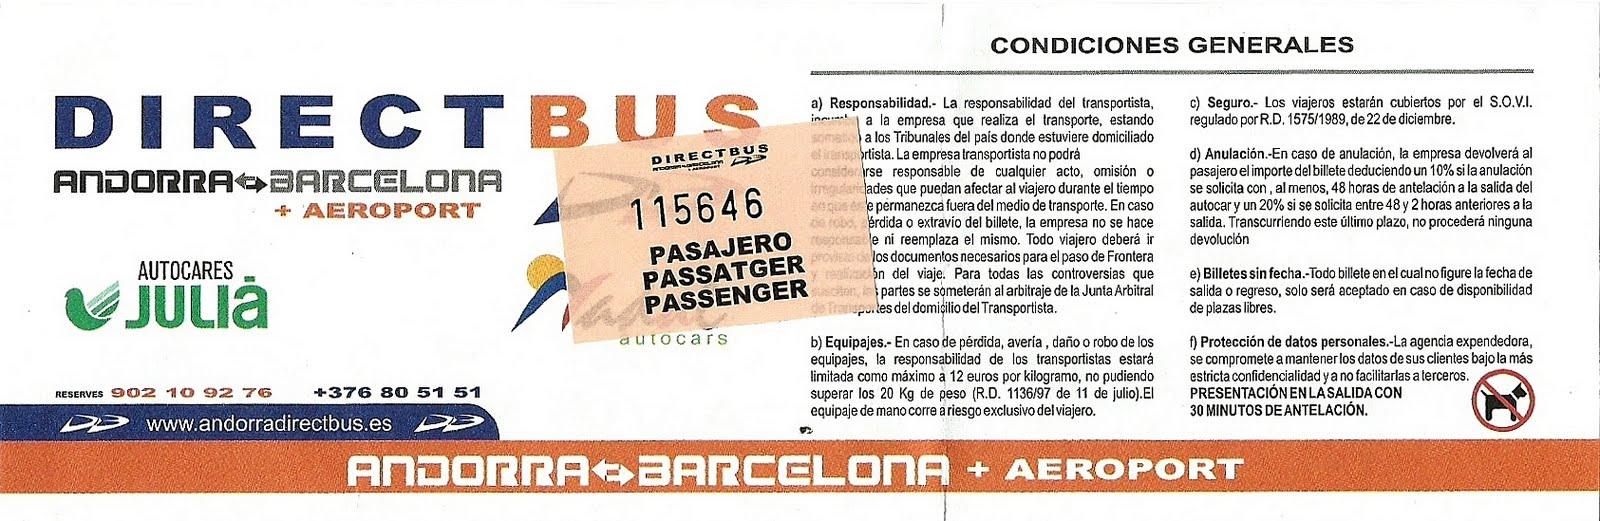 Image Result For Autocares A Andorra